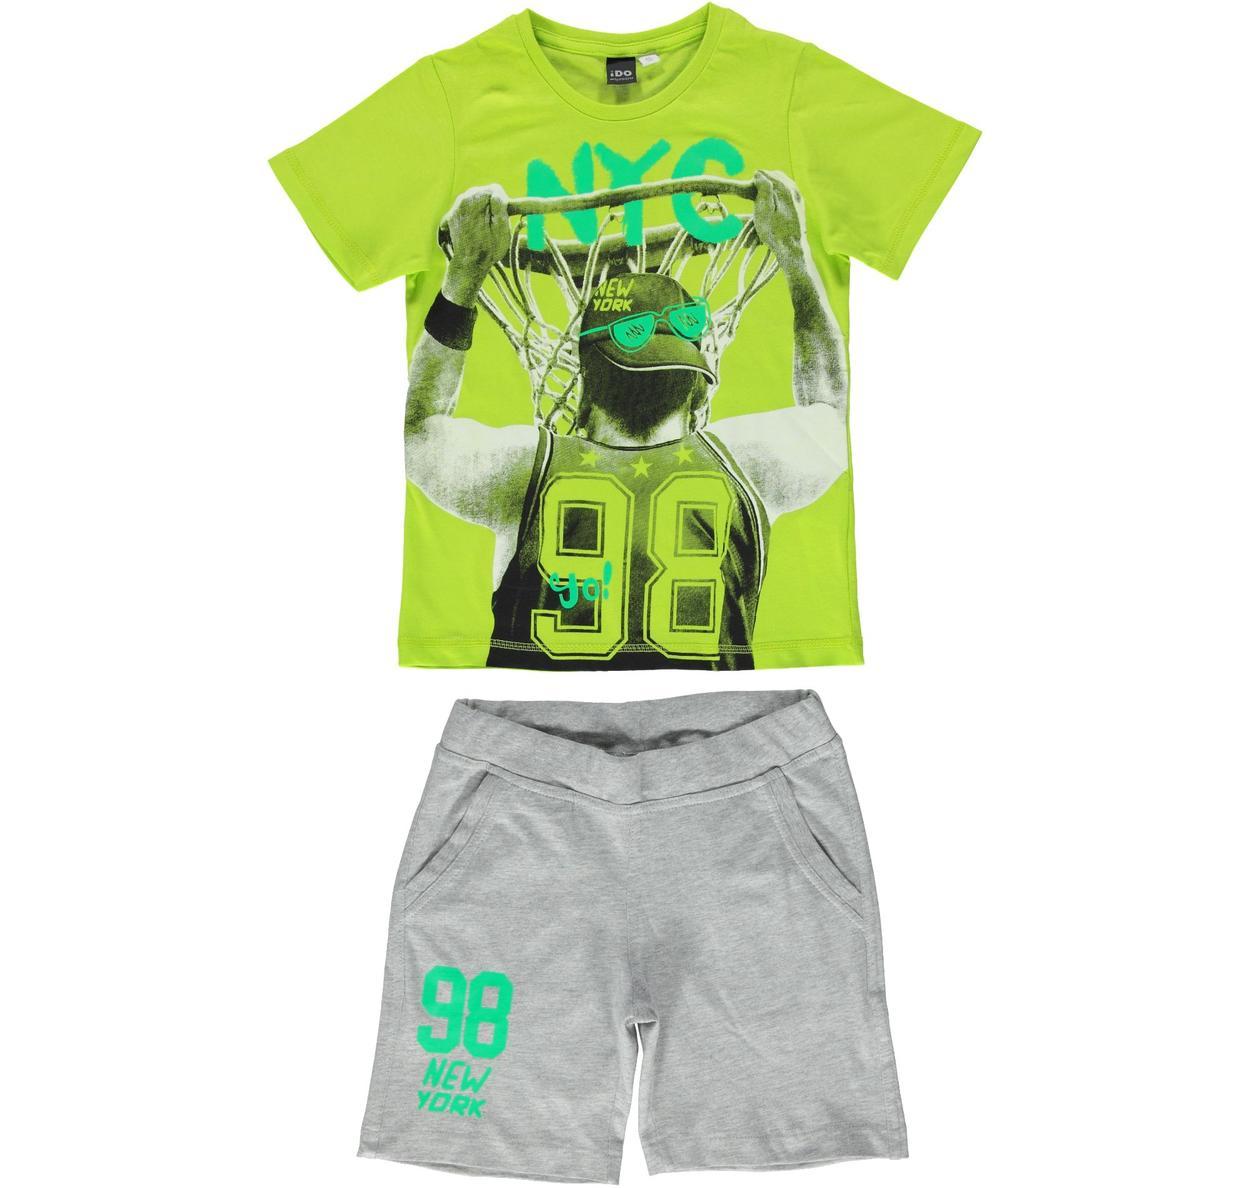 Completo 100% cotone con t-shirt stampa basket per bambino da 3 a 16 anni  iDO 7108da9c9622